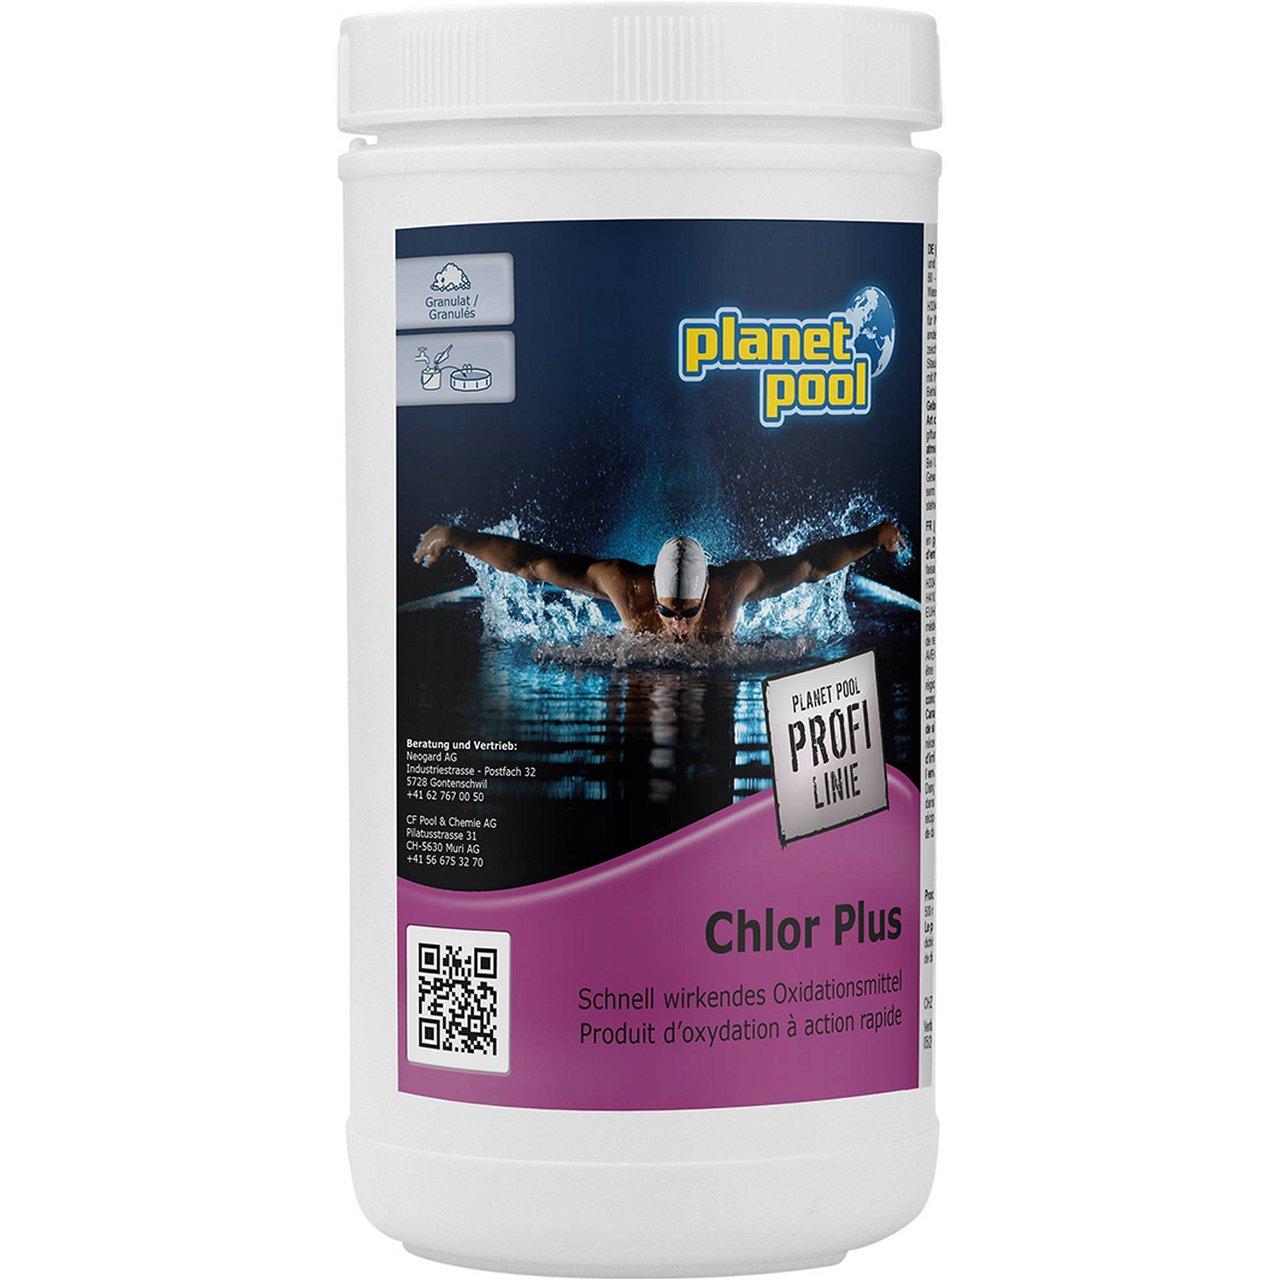 PLANET POOL - Profi Linie | Chlor Plus 1 kg